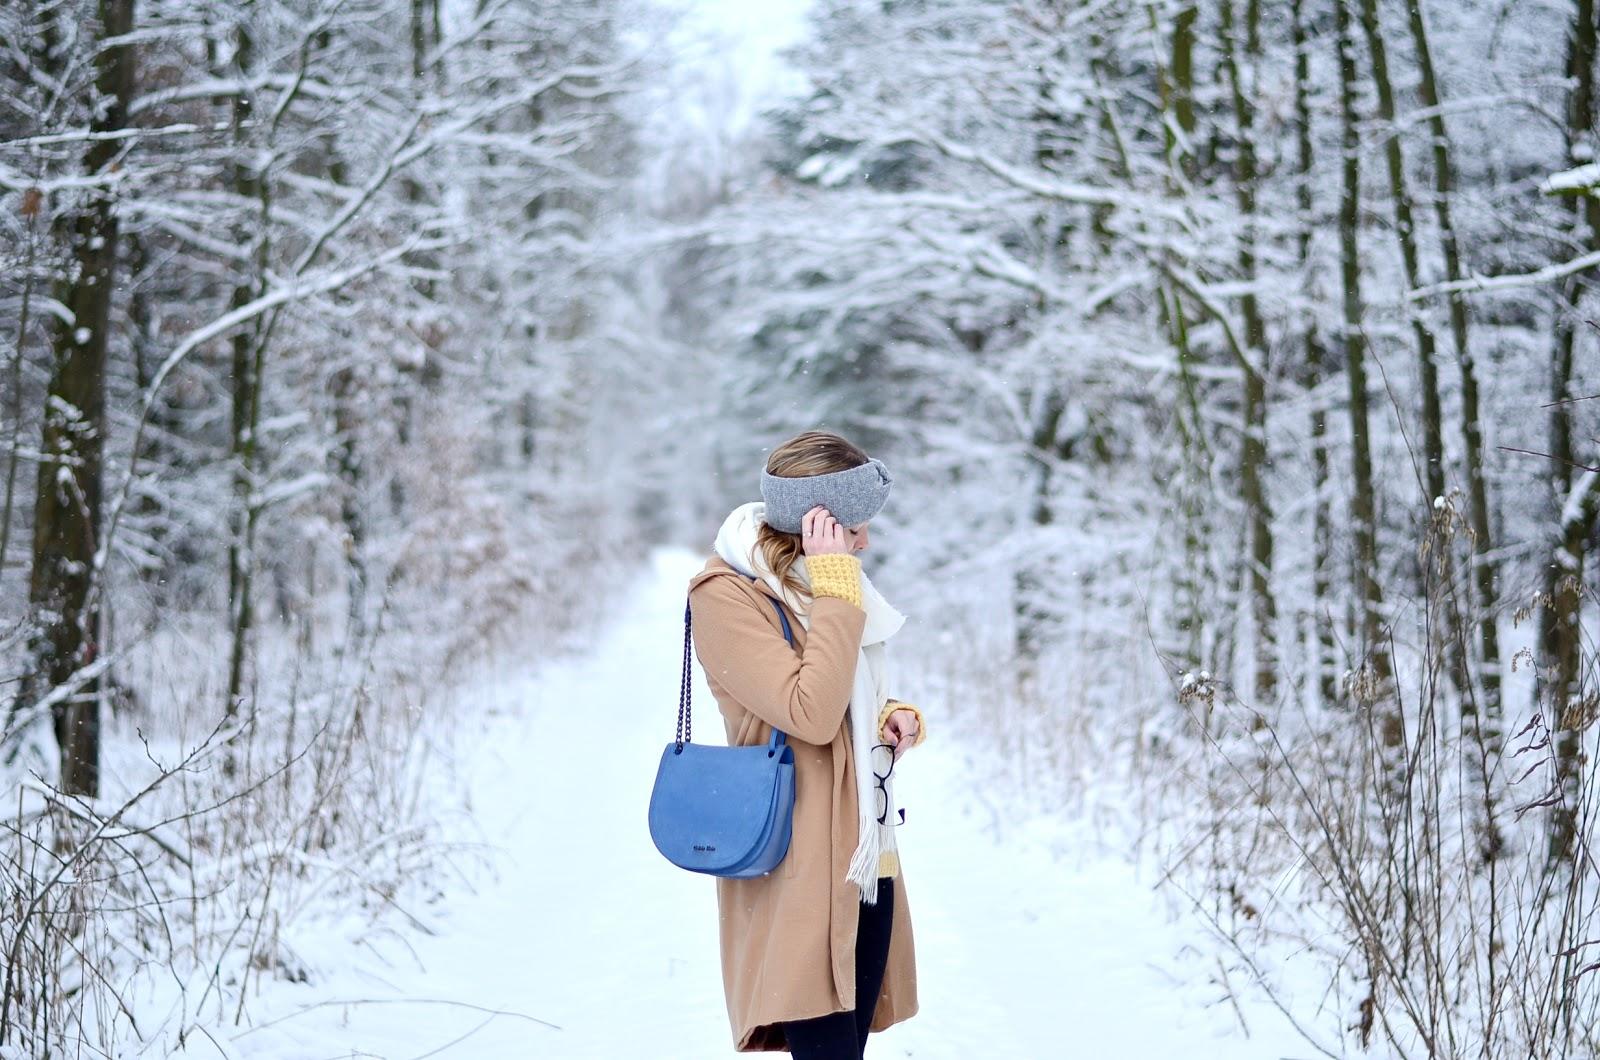 W zgodzie z zimowym klimatem- zimowe zdjęcia wprost z pobliskiego lasu.